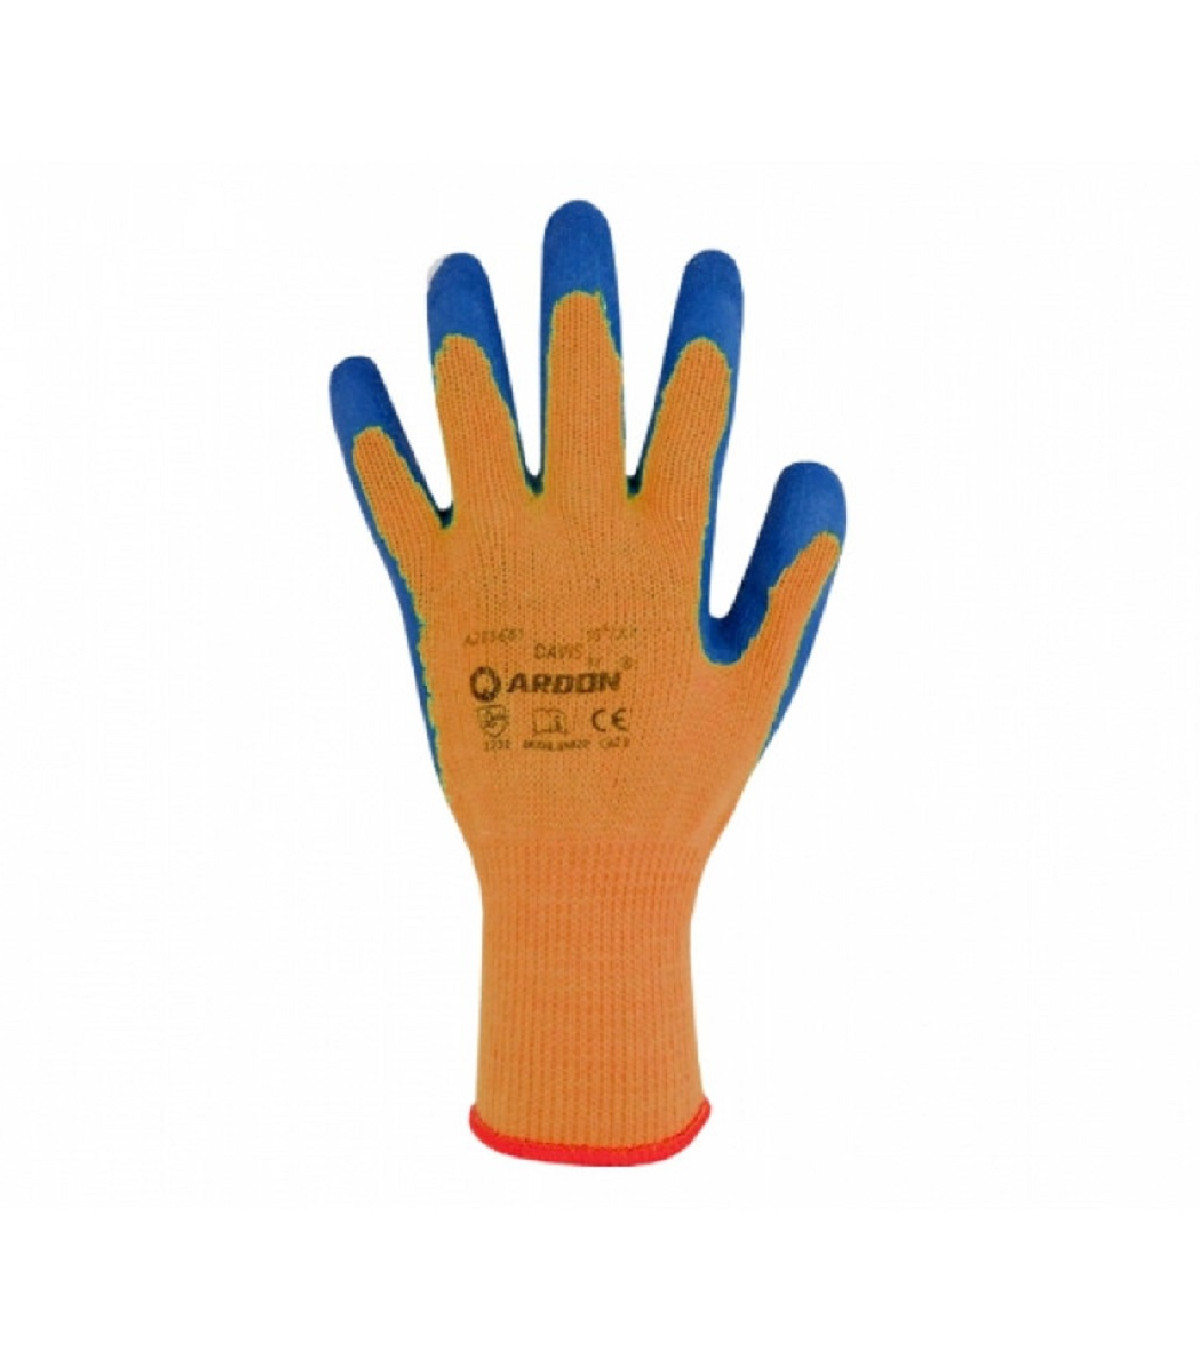 Pracovné rukavice Davis - veľkosť 8 - 1 pár